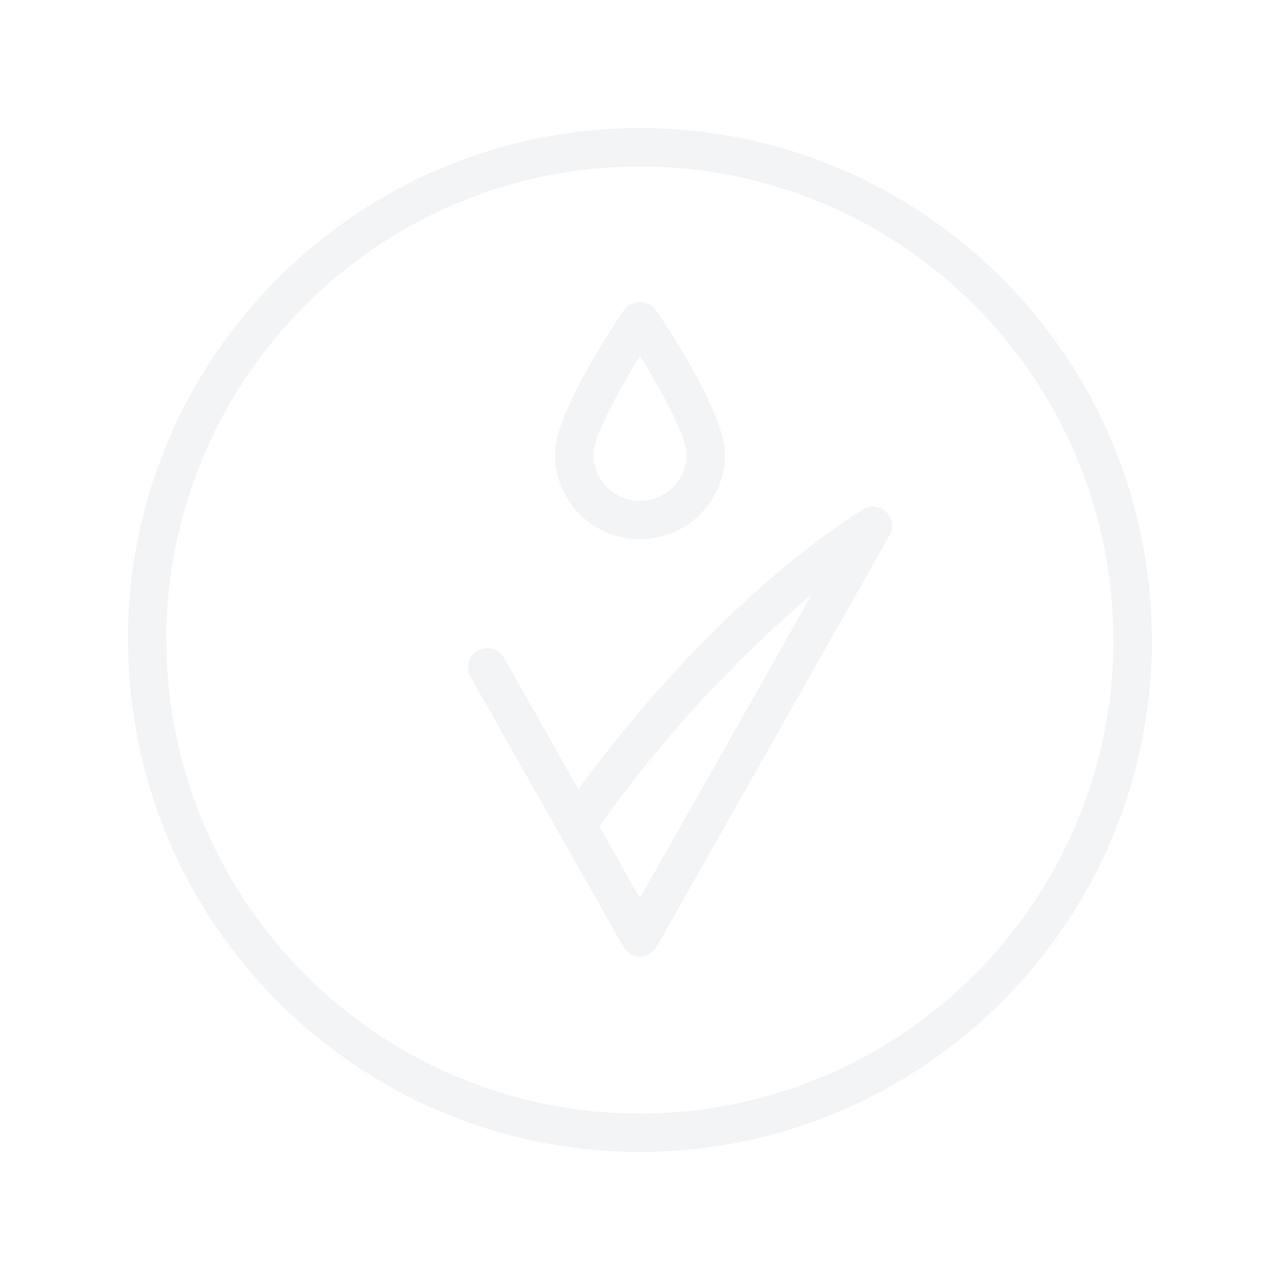 AVENE Hydrance Optimale Niisutav kreem normaalsele ja segatüüpi nahale SPF20 40ml